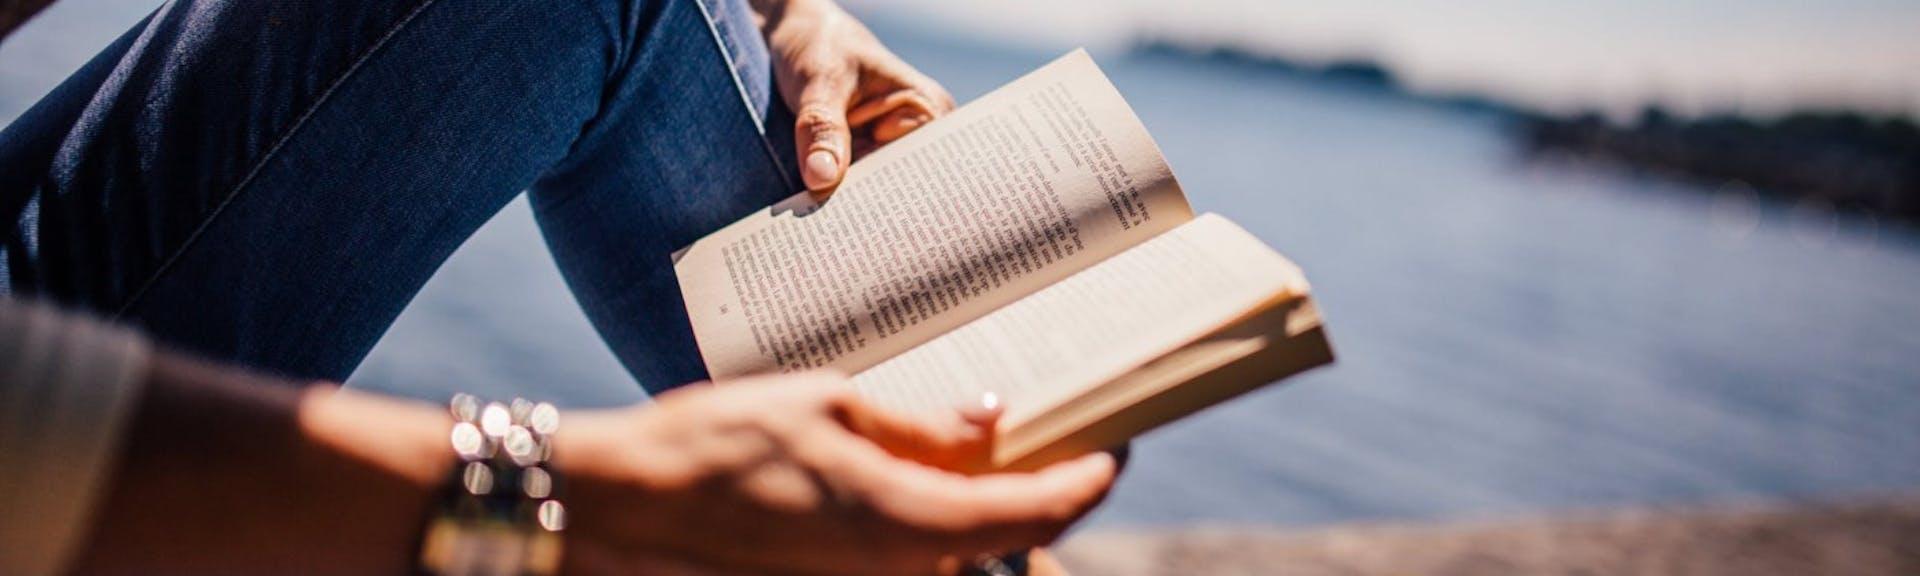 Tipos de narrador en una novela: conoce la voz que conecta al lector con la historia